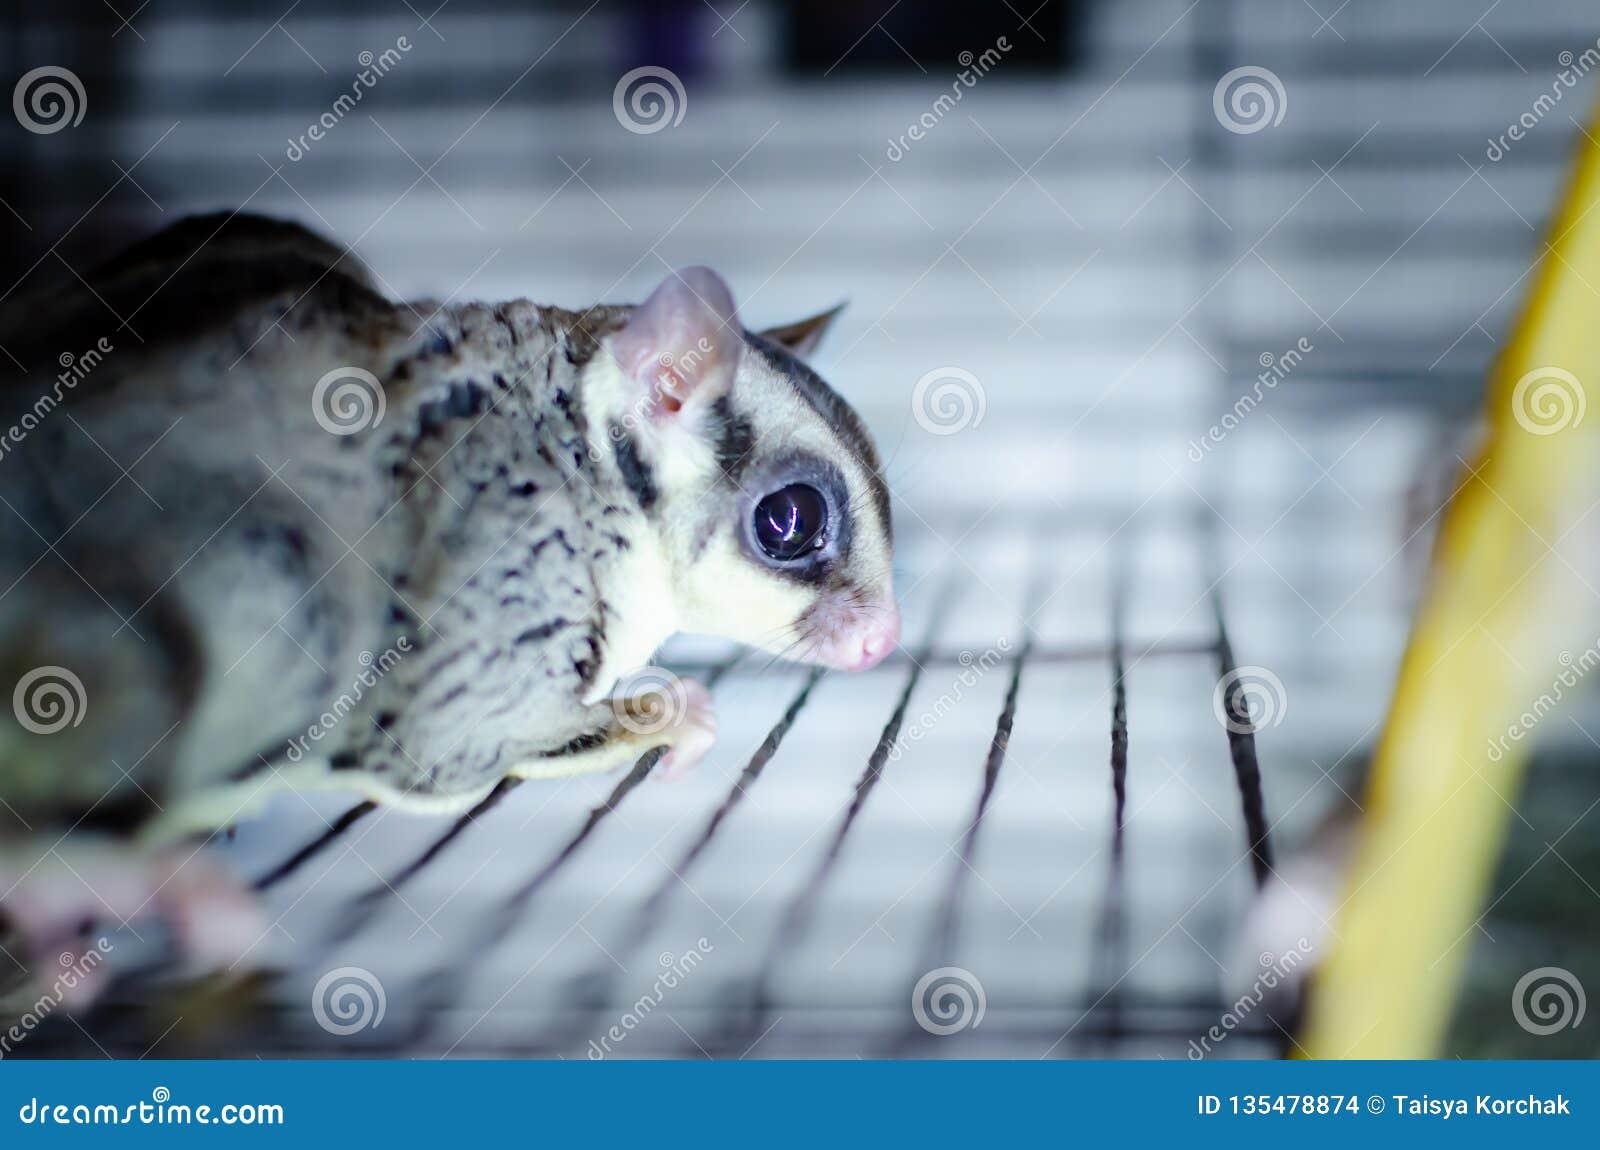 Γκρίζο ανεμοπλάνο ζάχαρης Possum ολίσθησης Petaurus breviceps δενδρικό Εξωτικά ζώα στο ανθρώπινο περιβάλλον